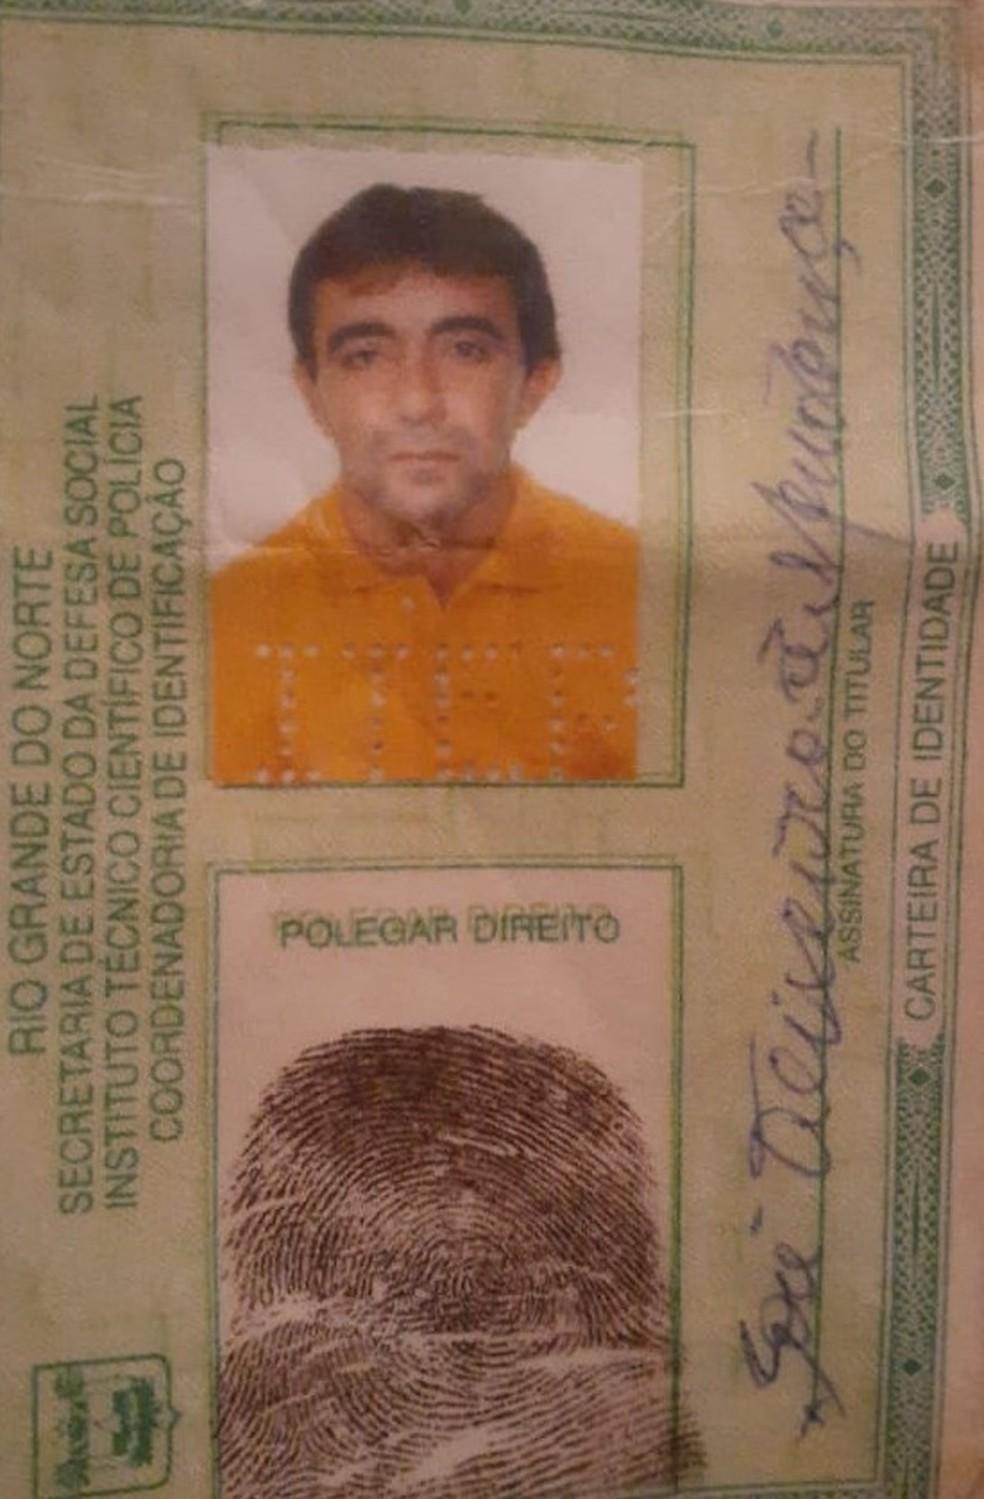 A vítima foi identificada como José Teixeira de Mendonça, de 57 anos. — Foto: Divulgação/PM